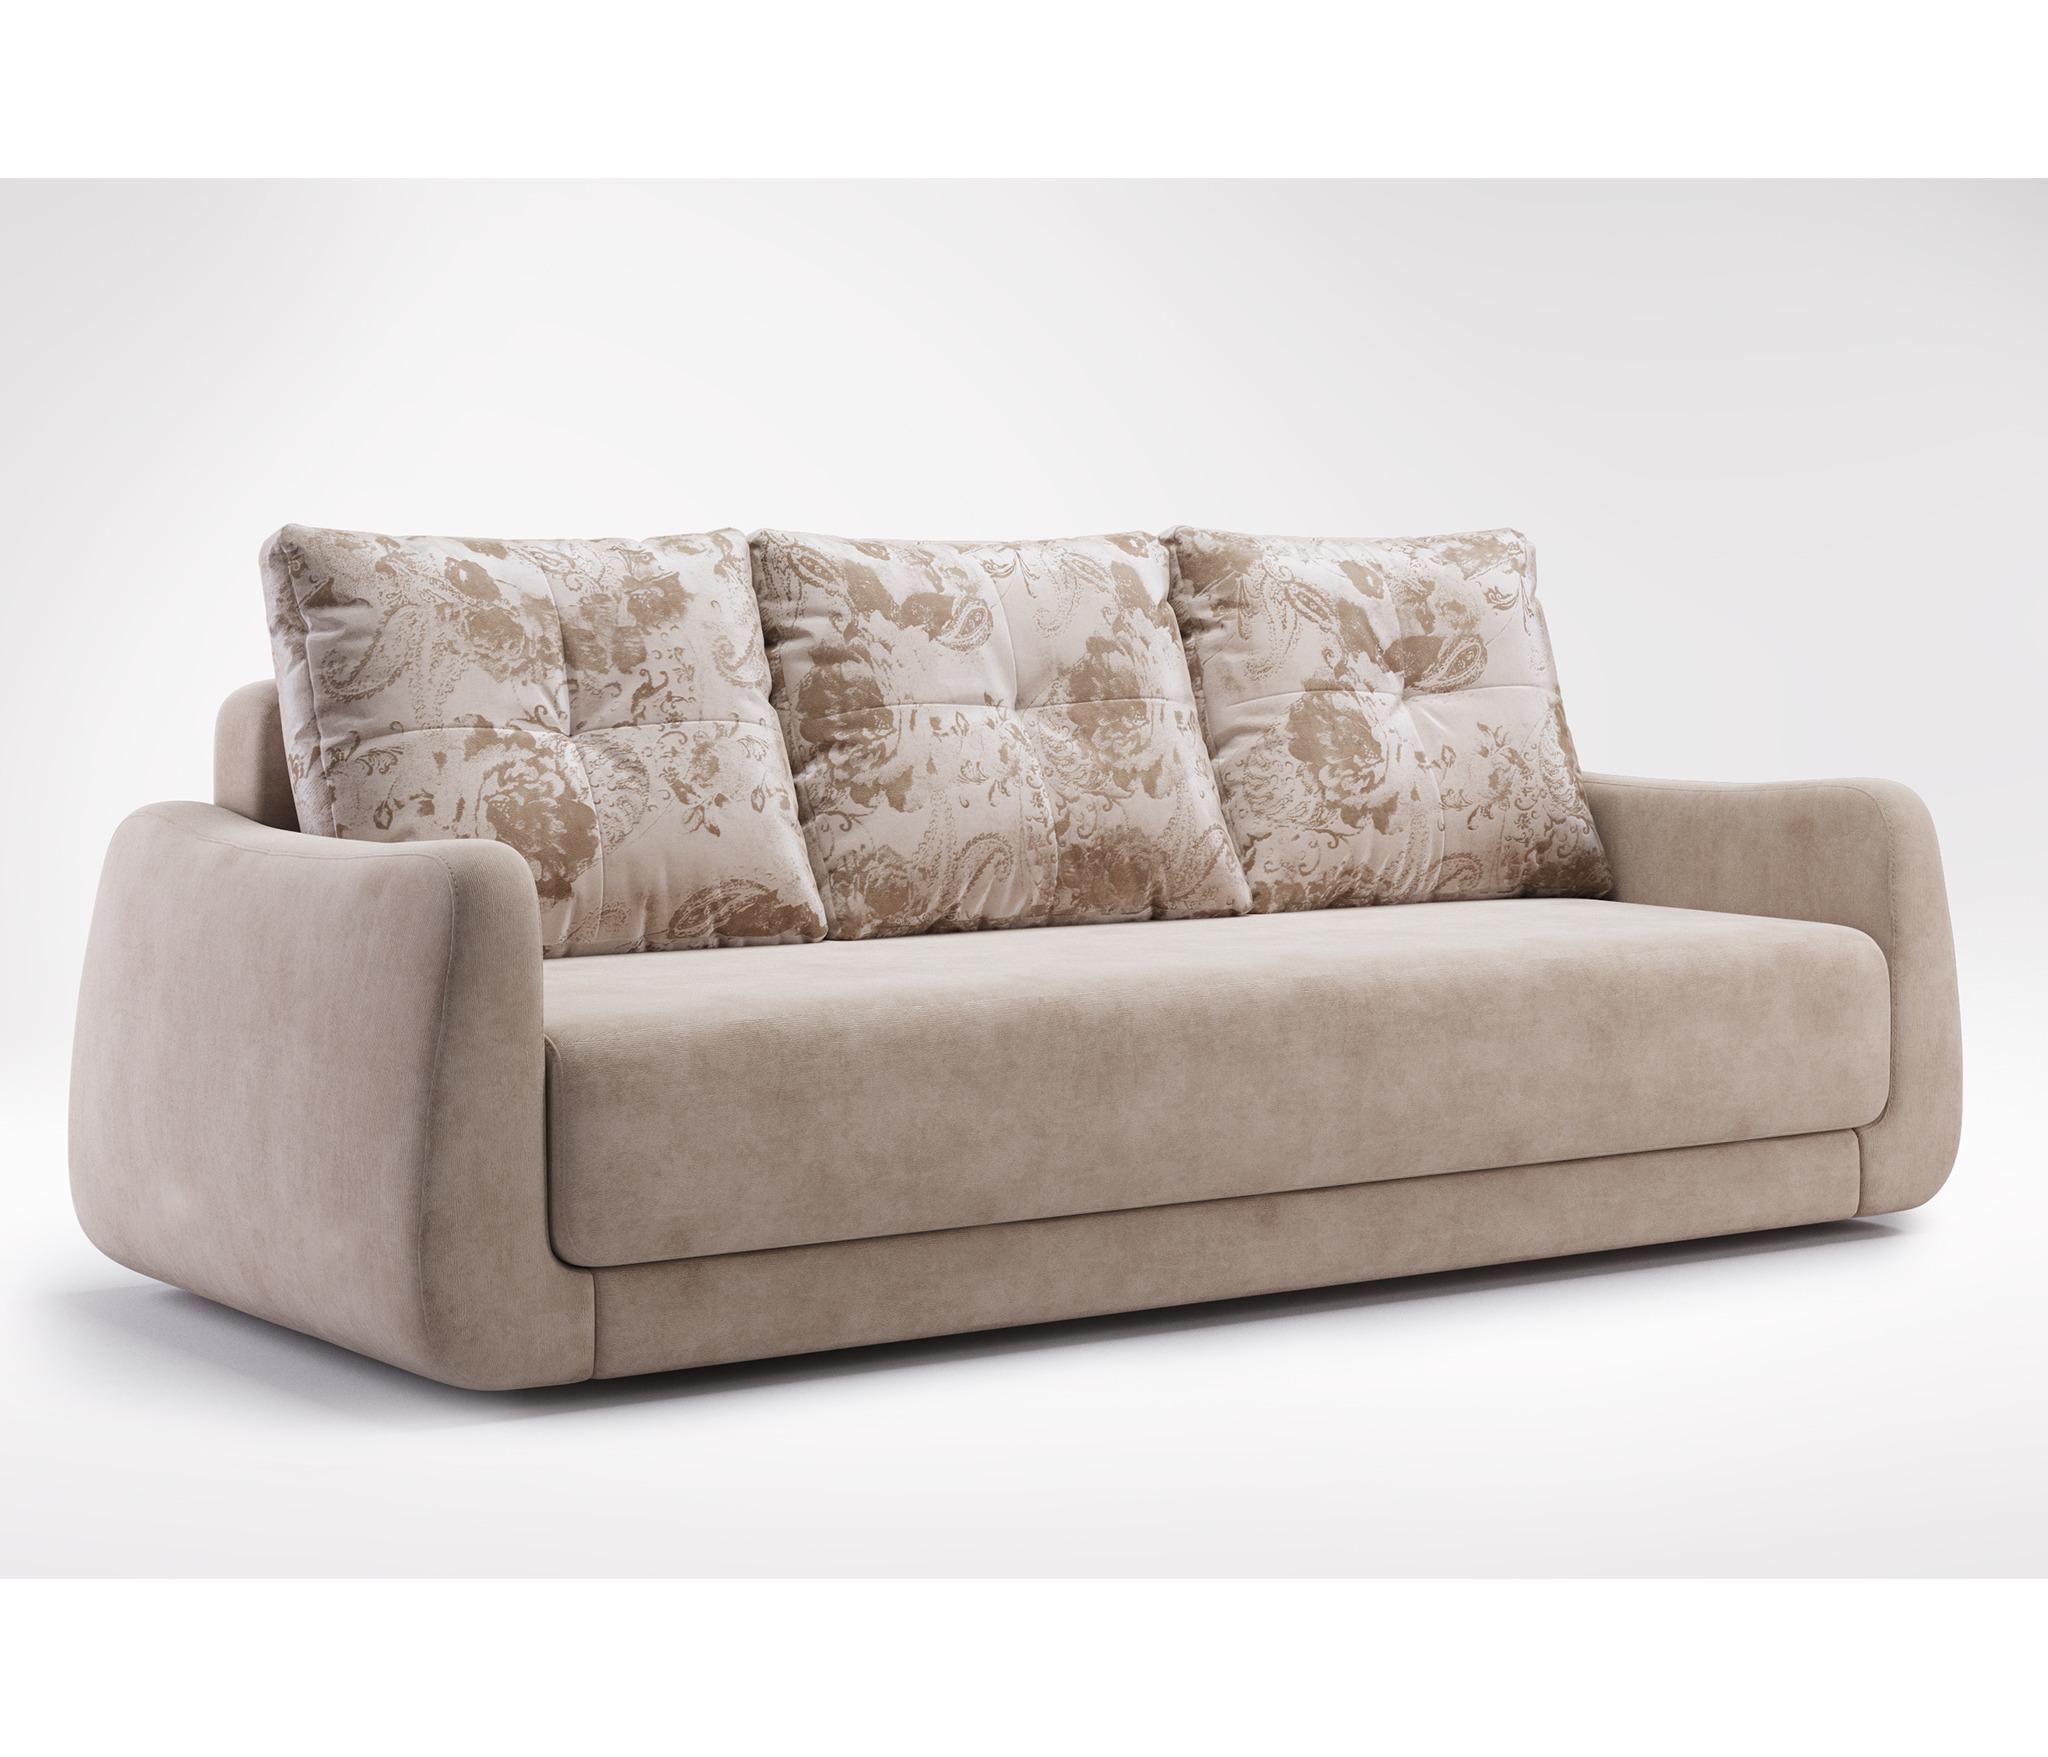 Диван-кровать КамелияМягкая мебель<br><br><br>Длина мм: 2260<br>Высота мм: 950<br>Глубина мм: 1050